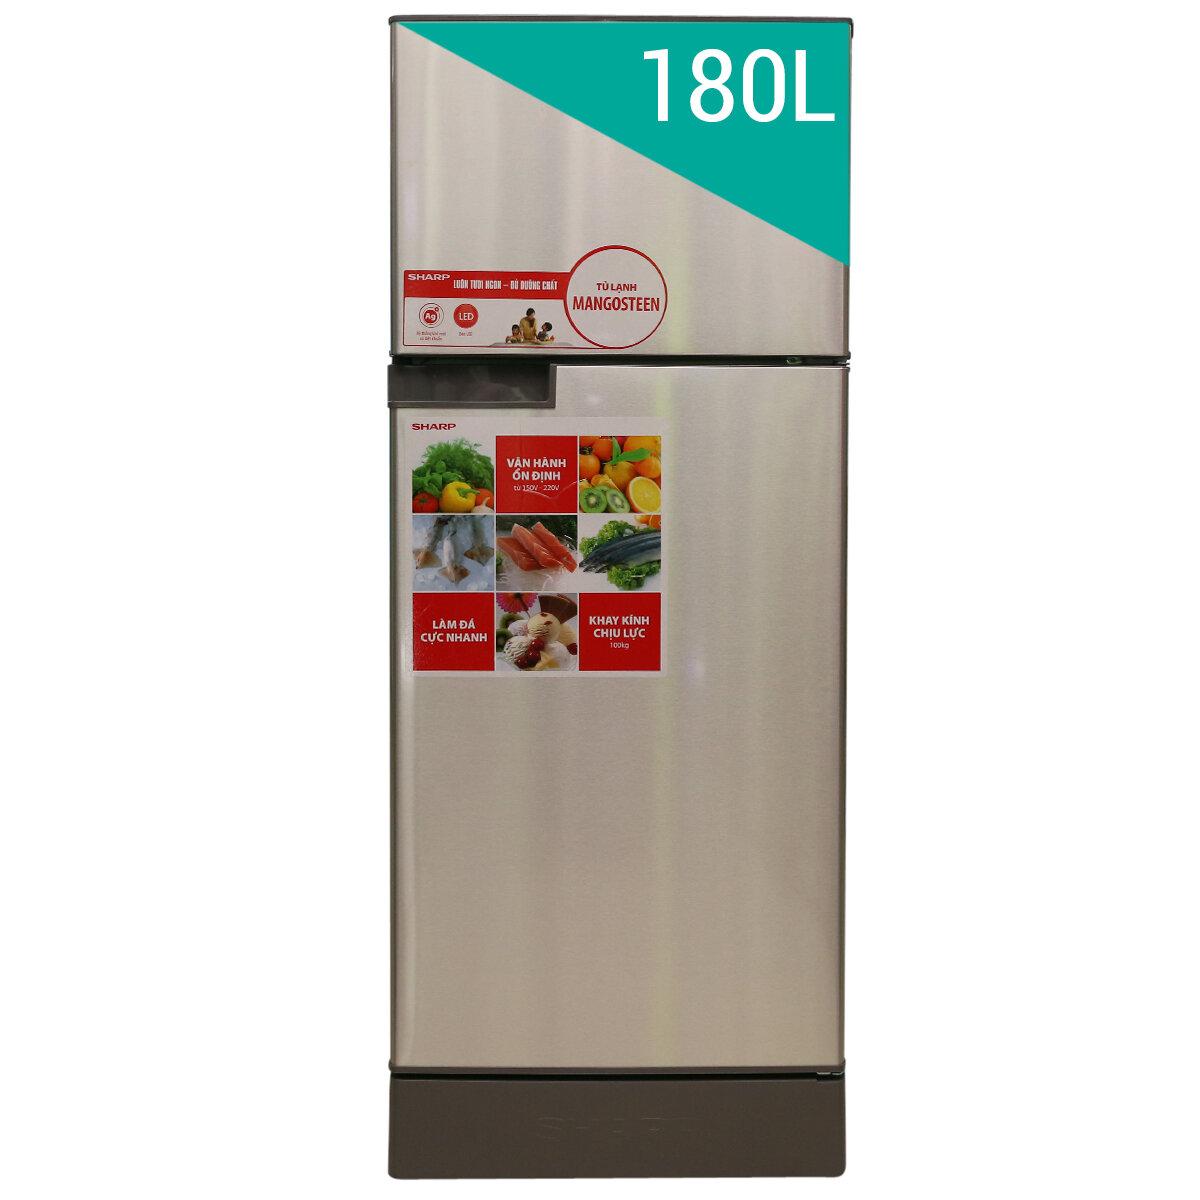 Tủ lạnh Sharp SJ-197P-CH - 180L, 2 cánh, ngăn đá trên